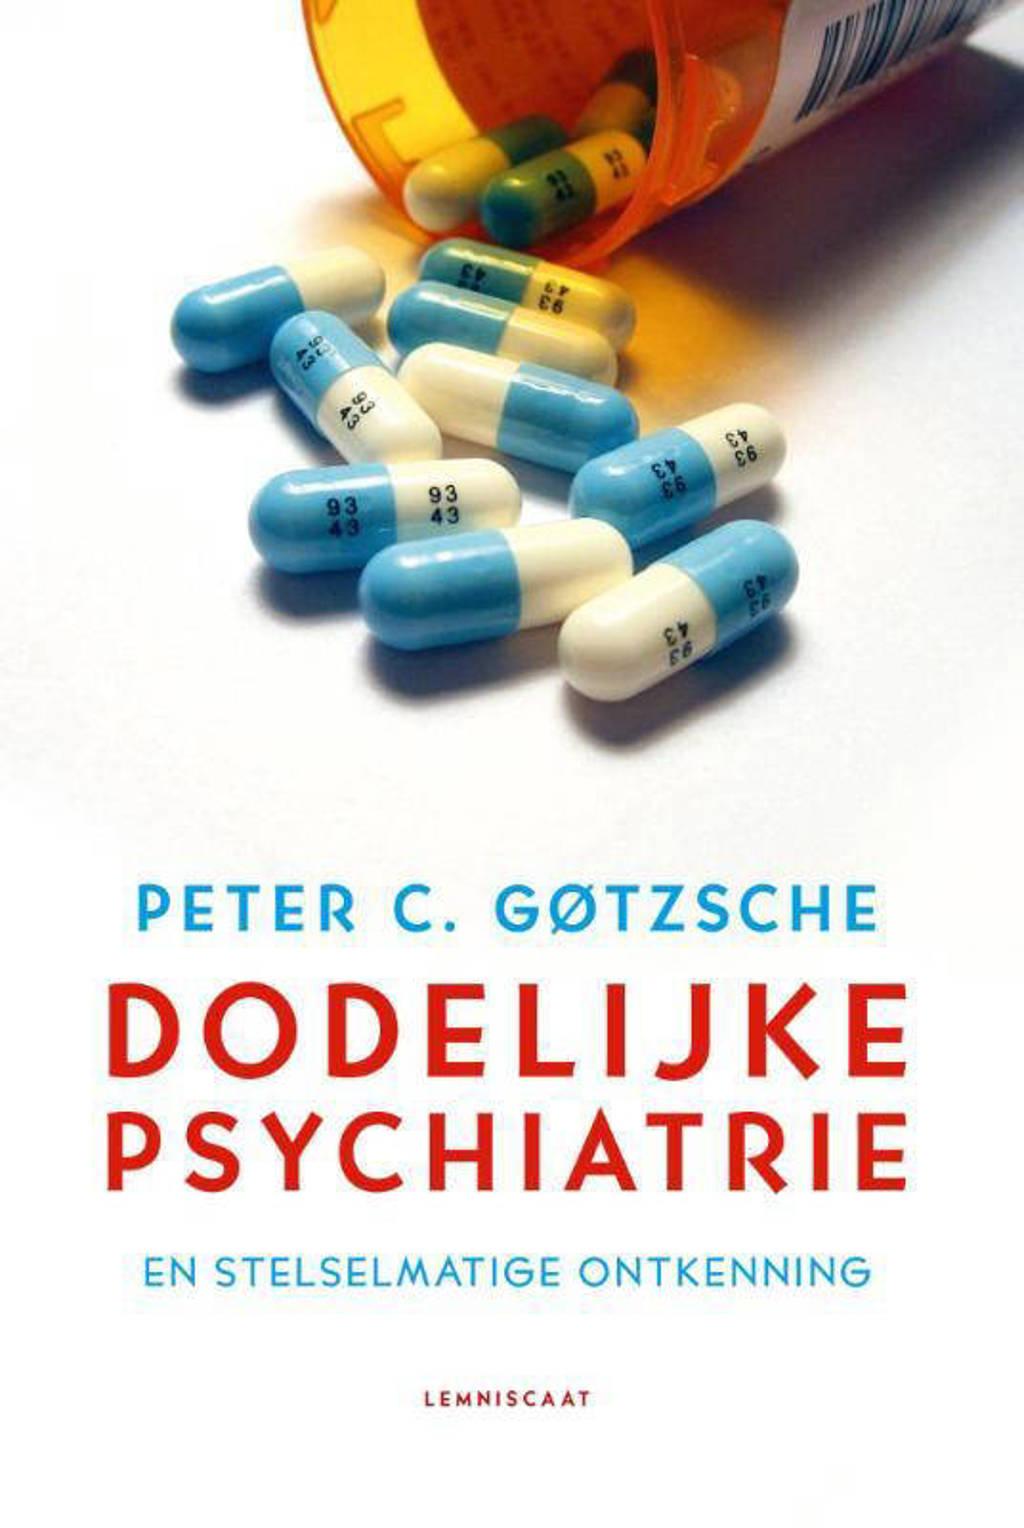 Dodelijke psychiatrie en stelselmatige ontkenning - Peter C. Gotzsche